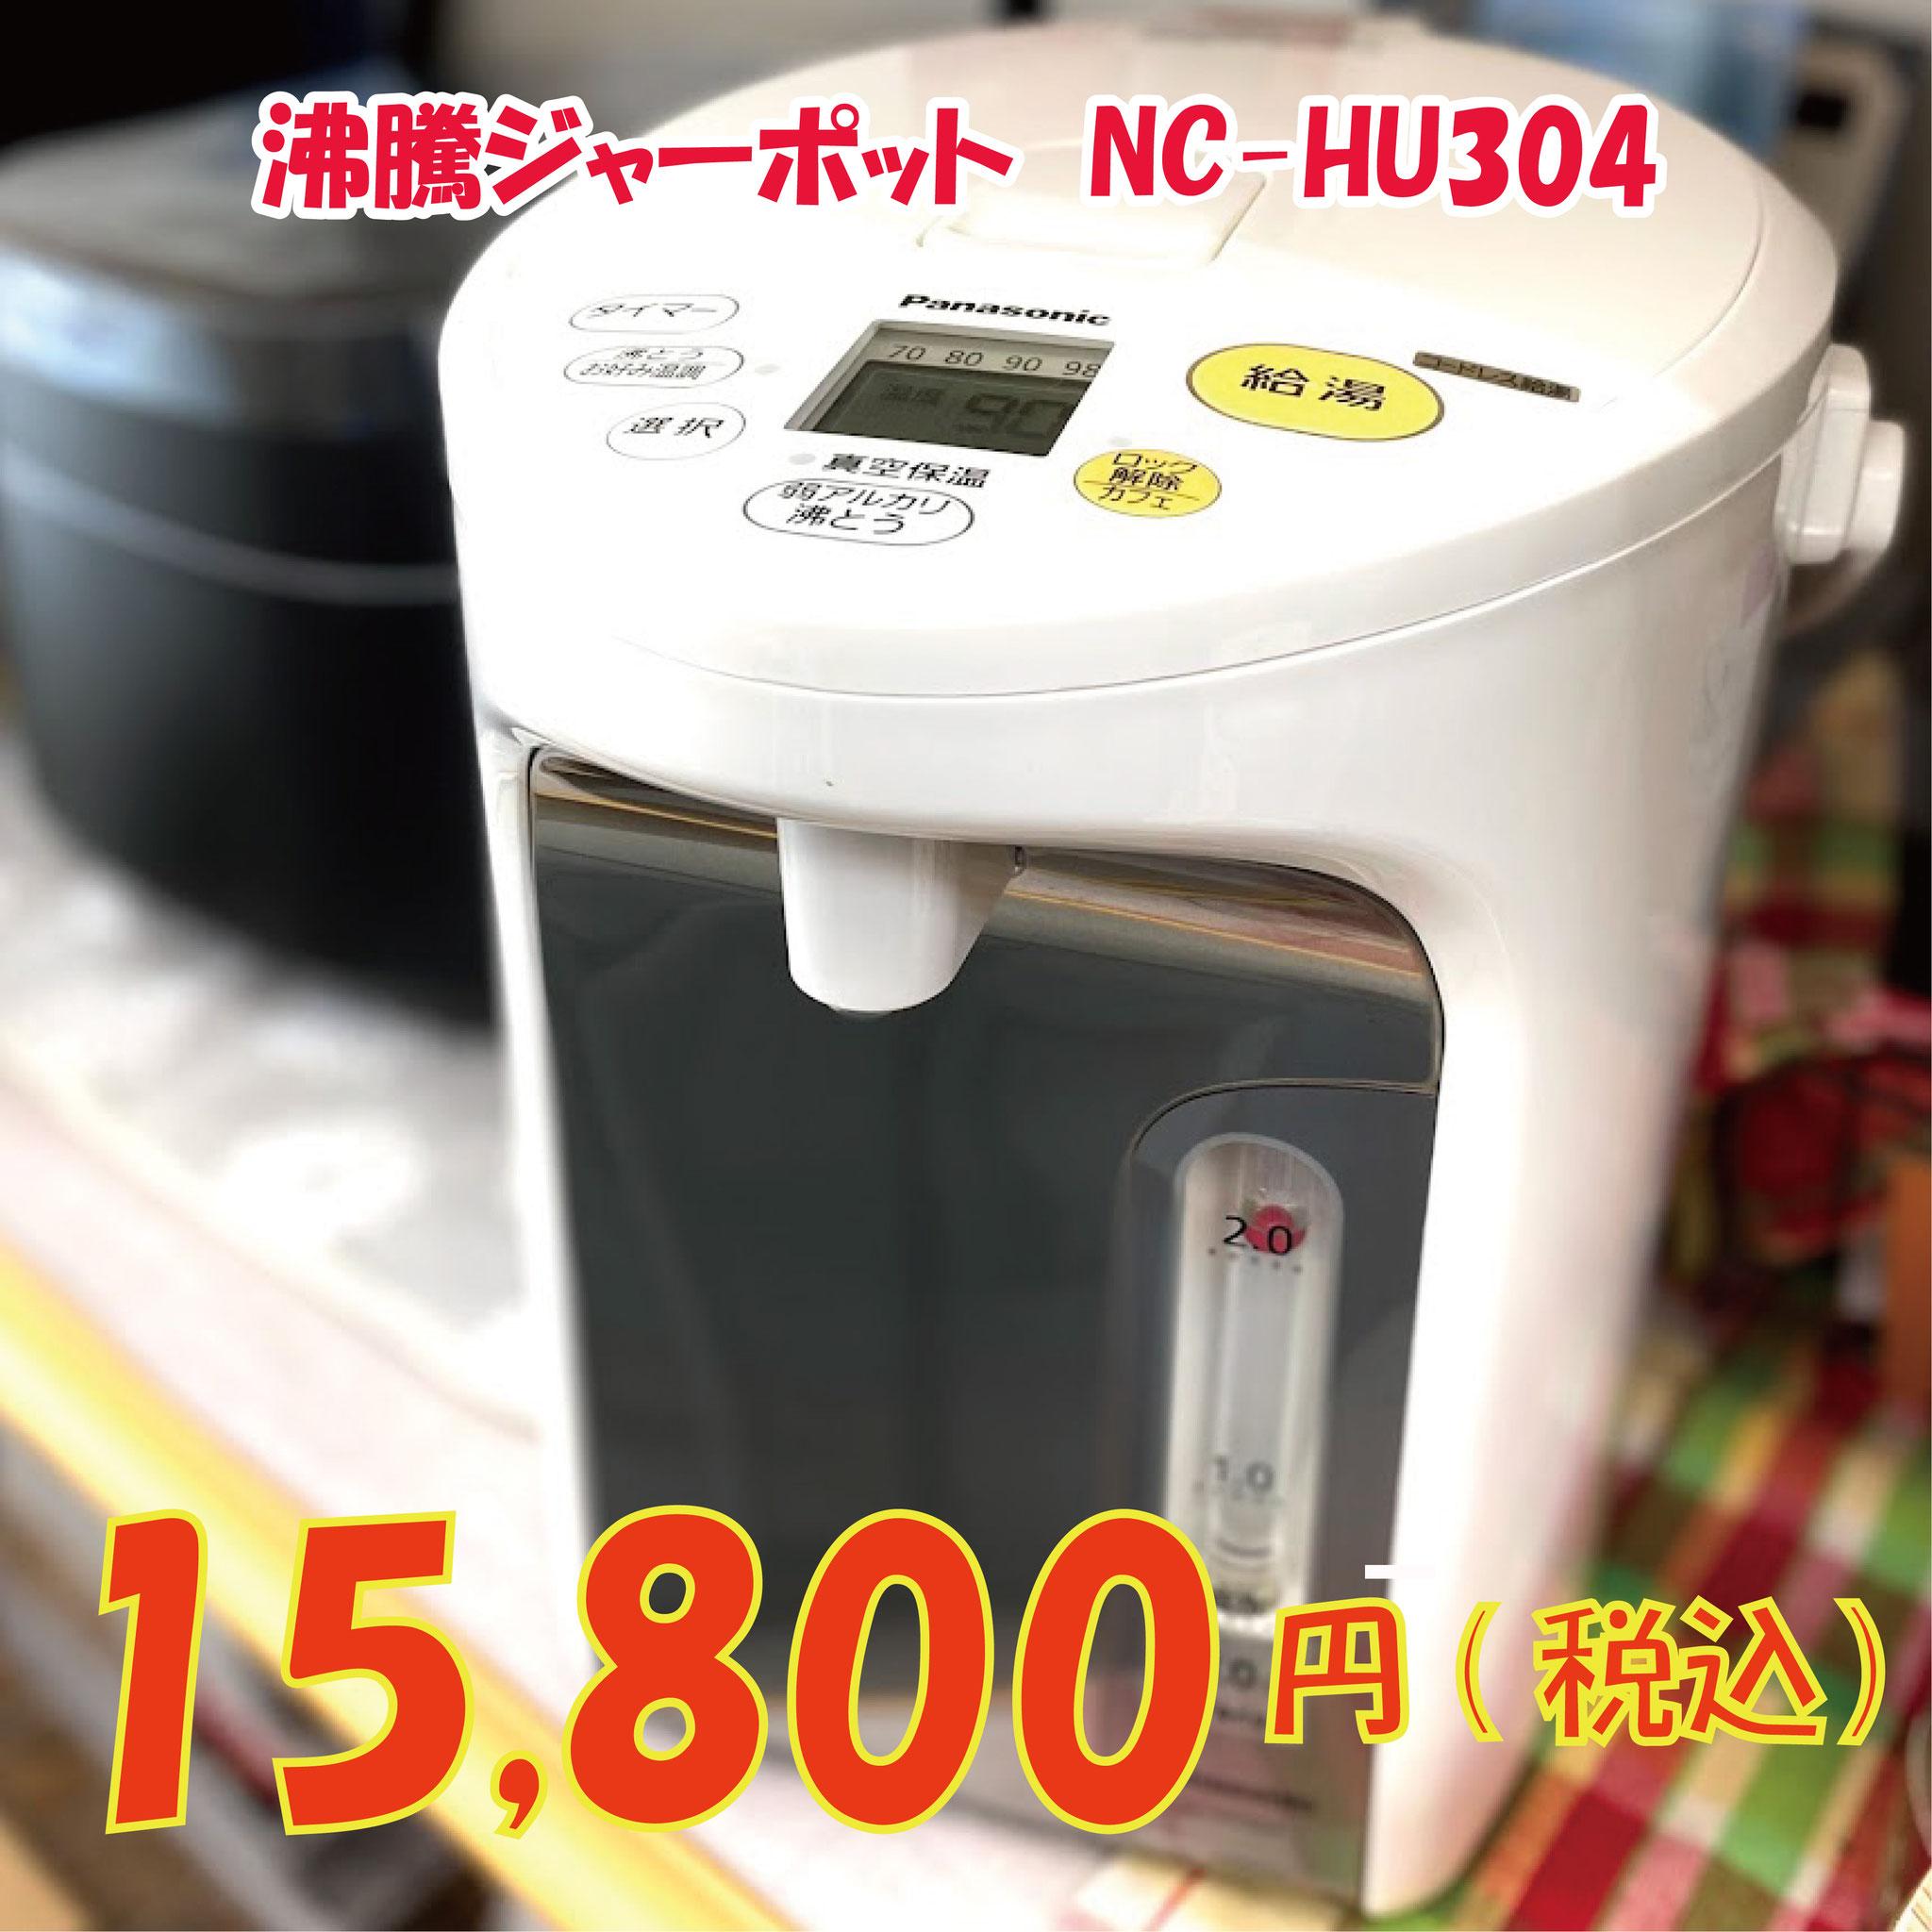 沸騰ジャーポット NC-HU304